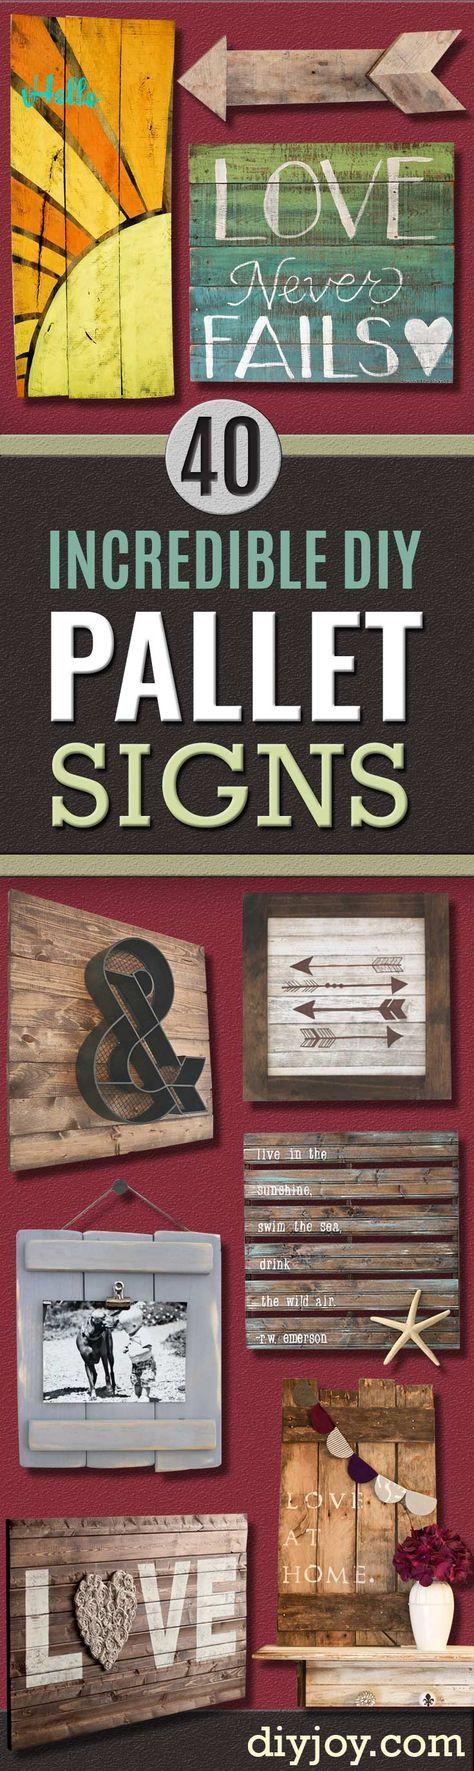 Homemade garden art ideas - 40 Incredible Diy Pallet Signs